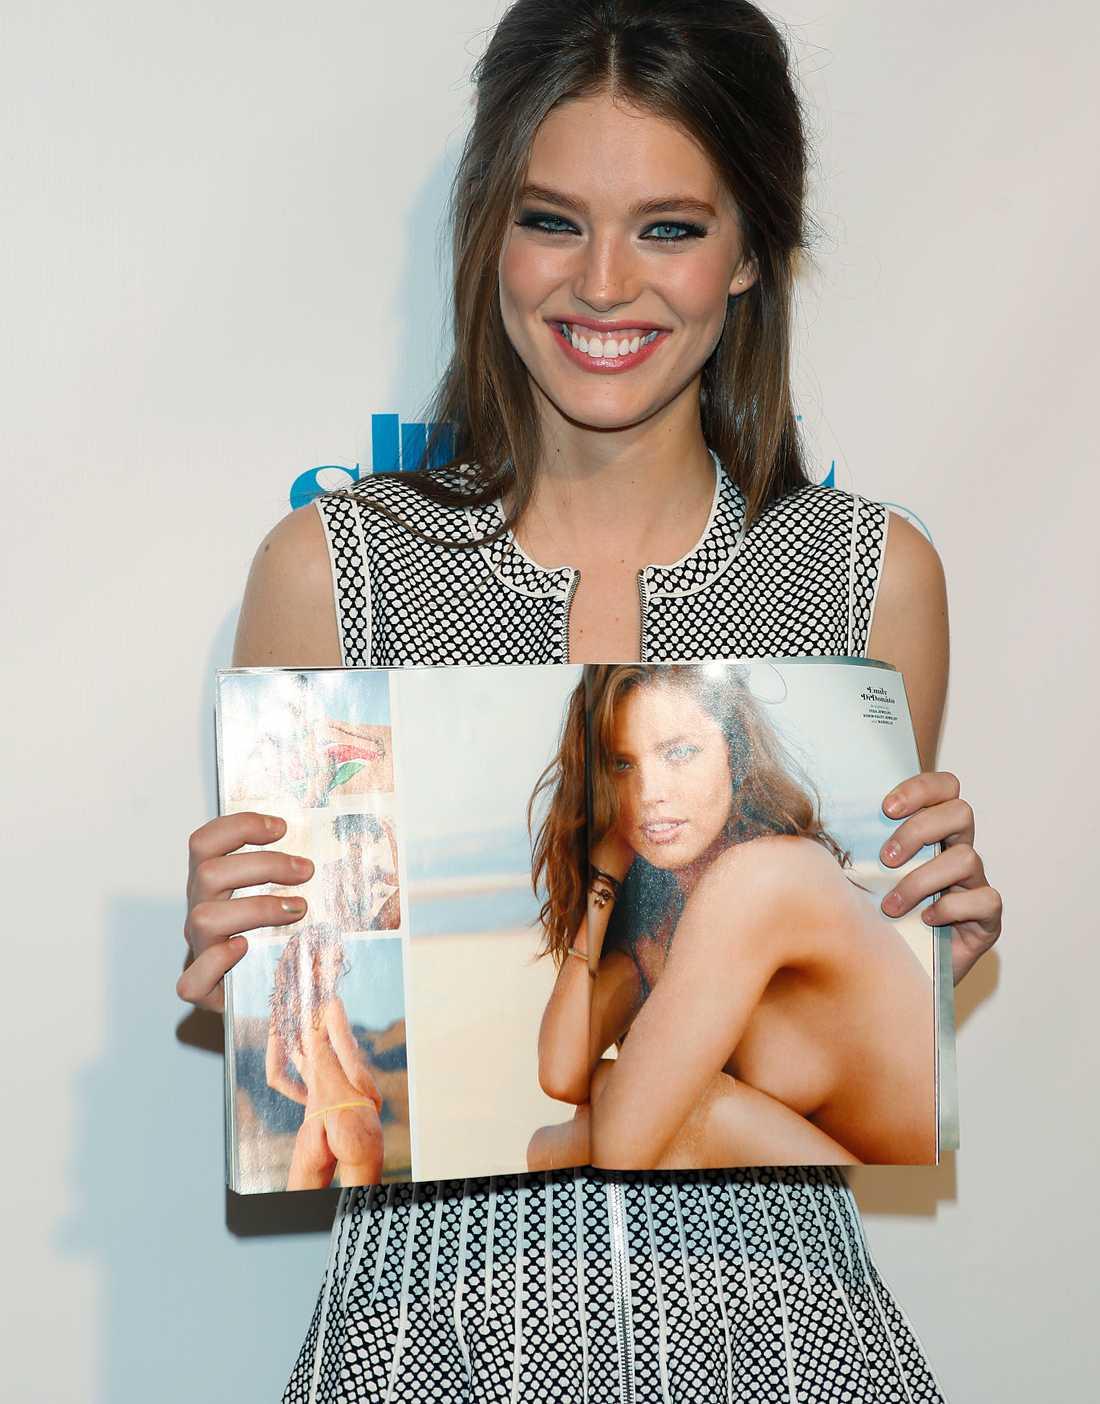 Modellen Emily DiDonato Var i Namibia och plåtades. Foto: AP